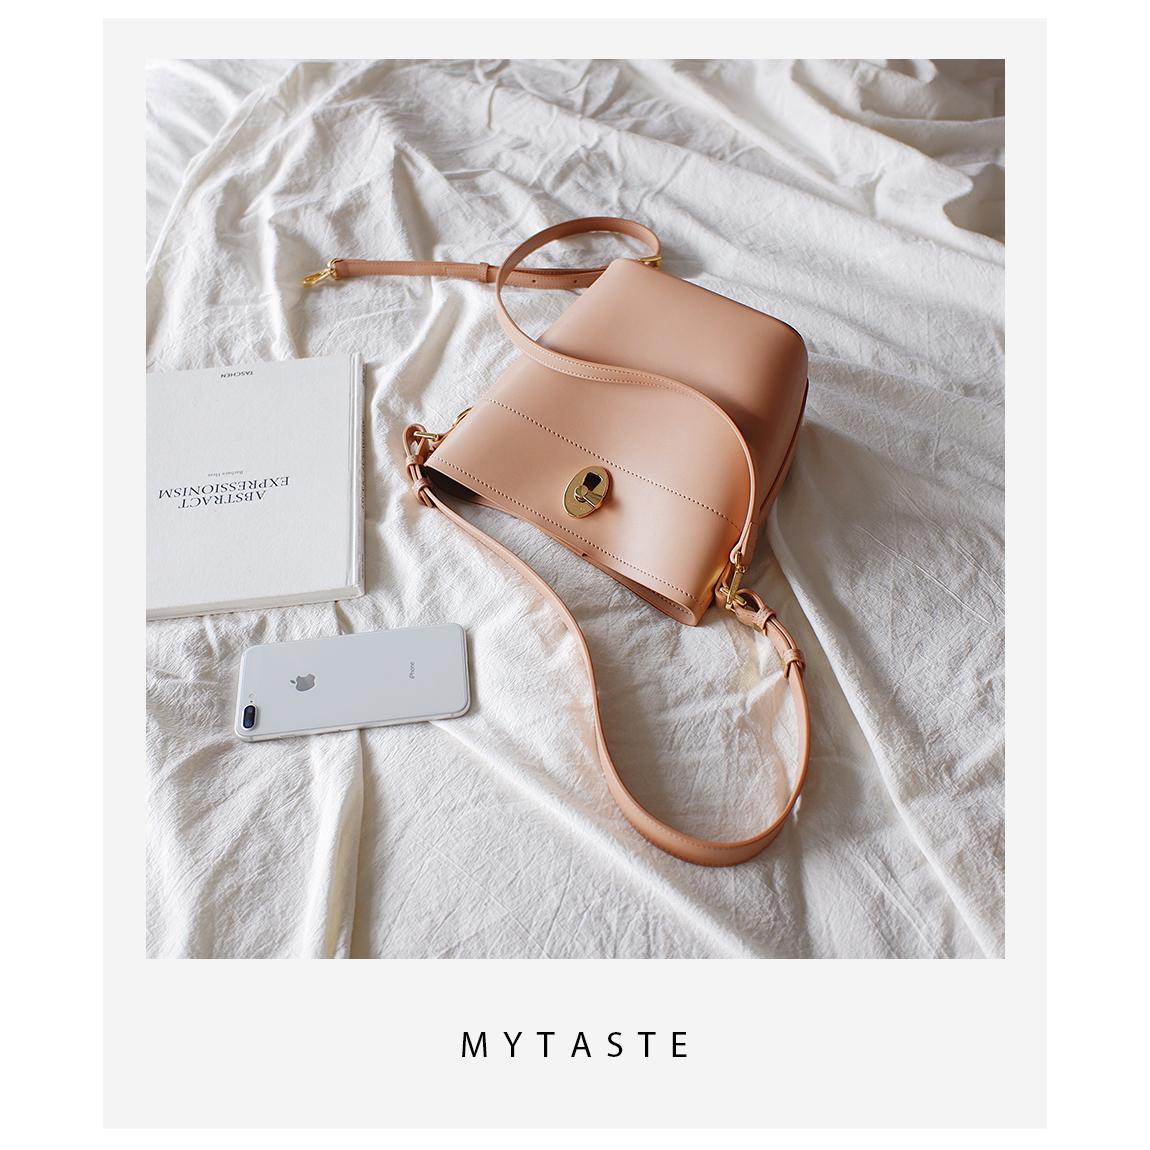 MYTASTE原创郁金香包2019新款牛皮水桶包简约大容量单肩斜挎女包12月11日最新优惠